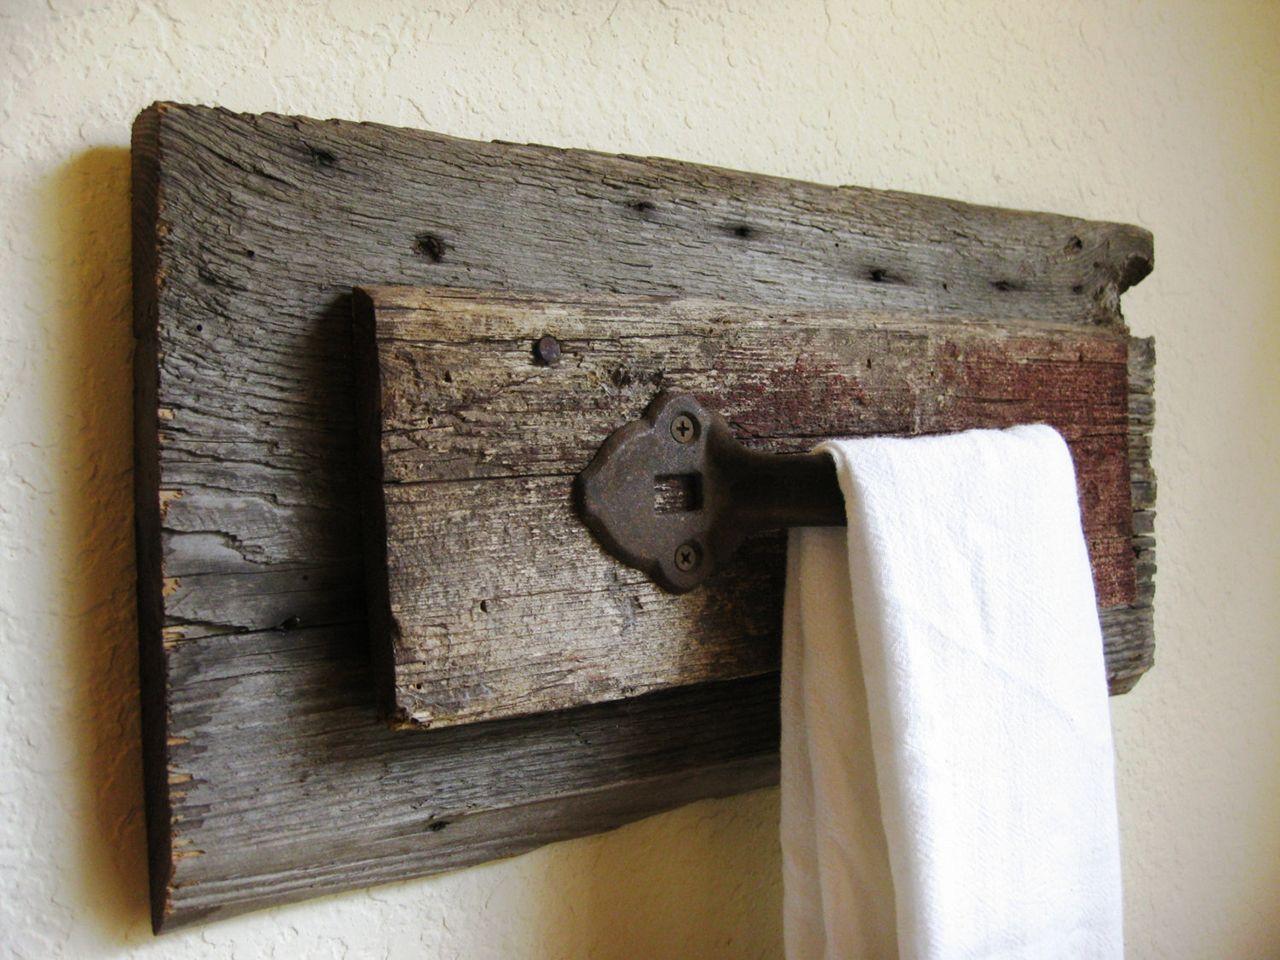 31 wunderschöne rustikale Badezimmer Dekor Ideen für zu Hause ausprobieren #rusticbathrooms